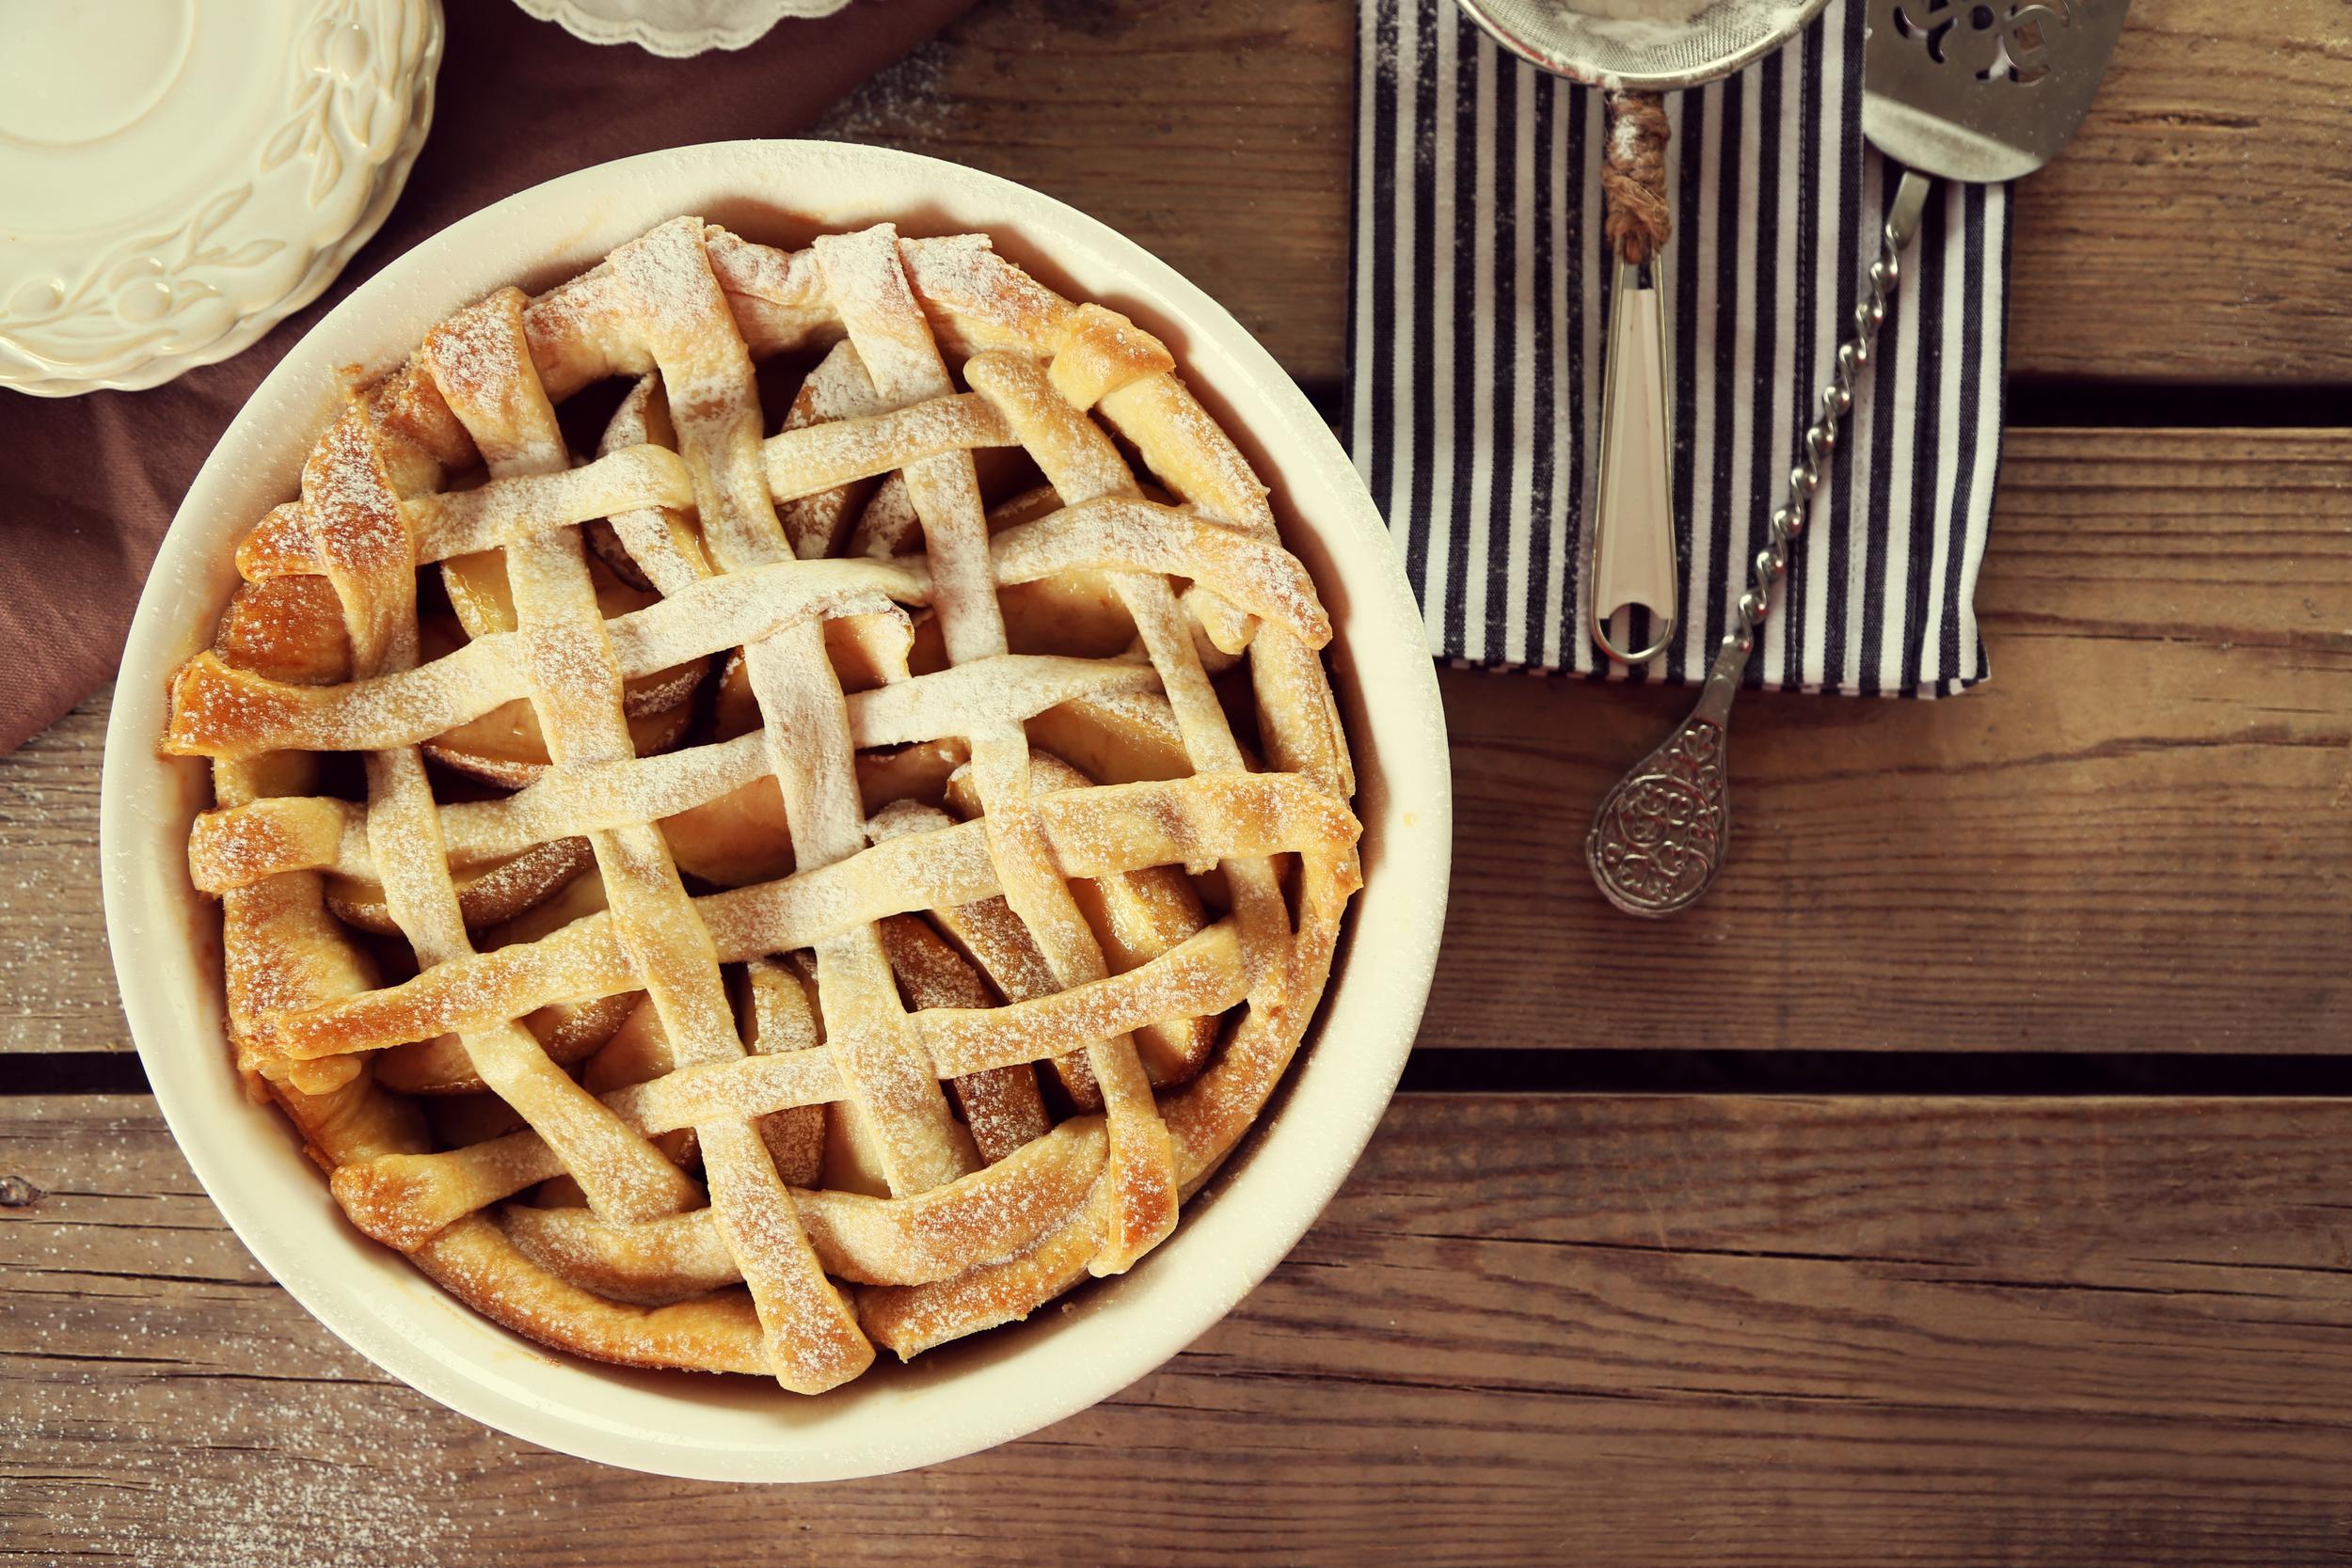 Prepared Pie Fillings